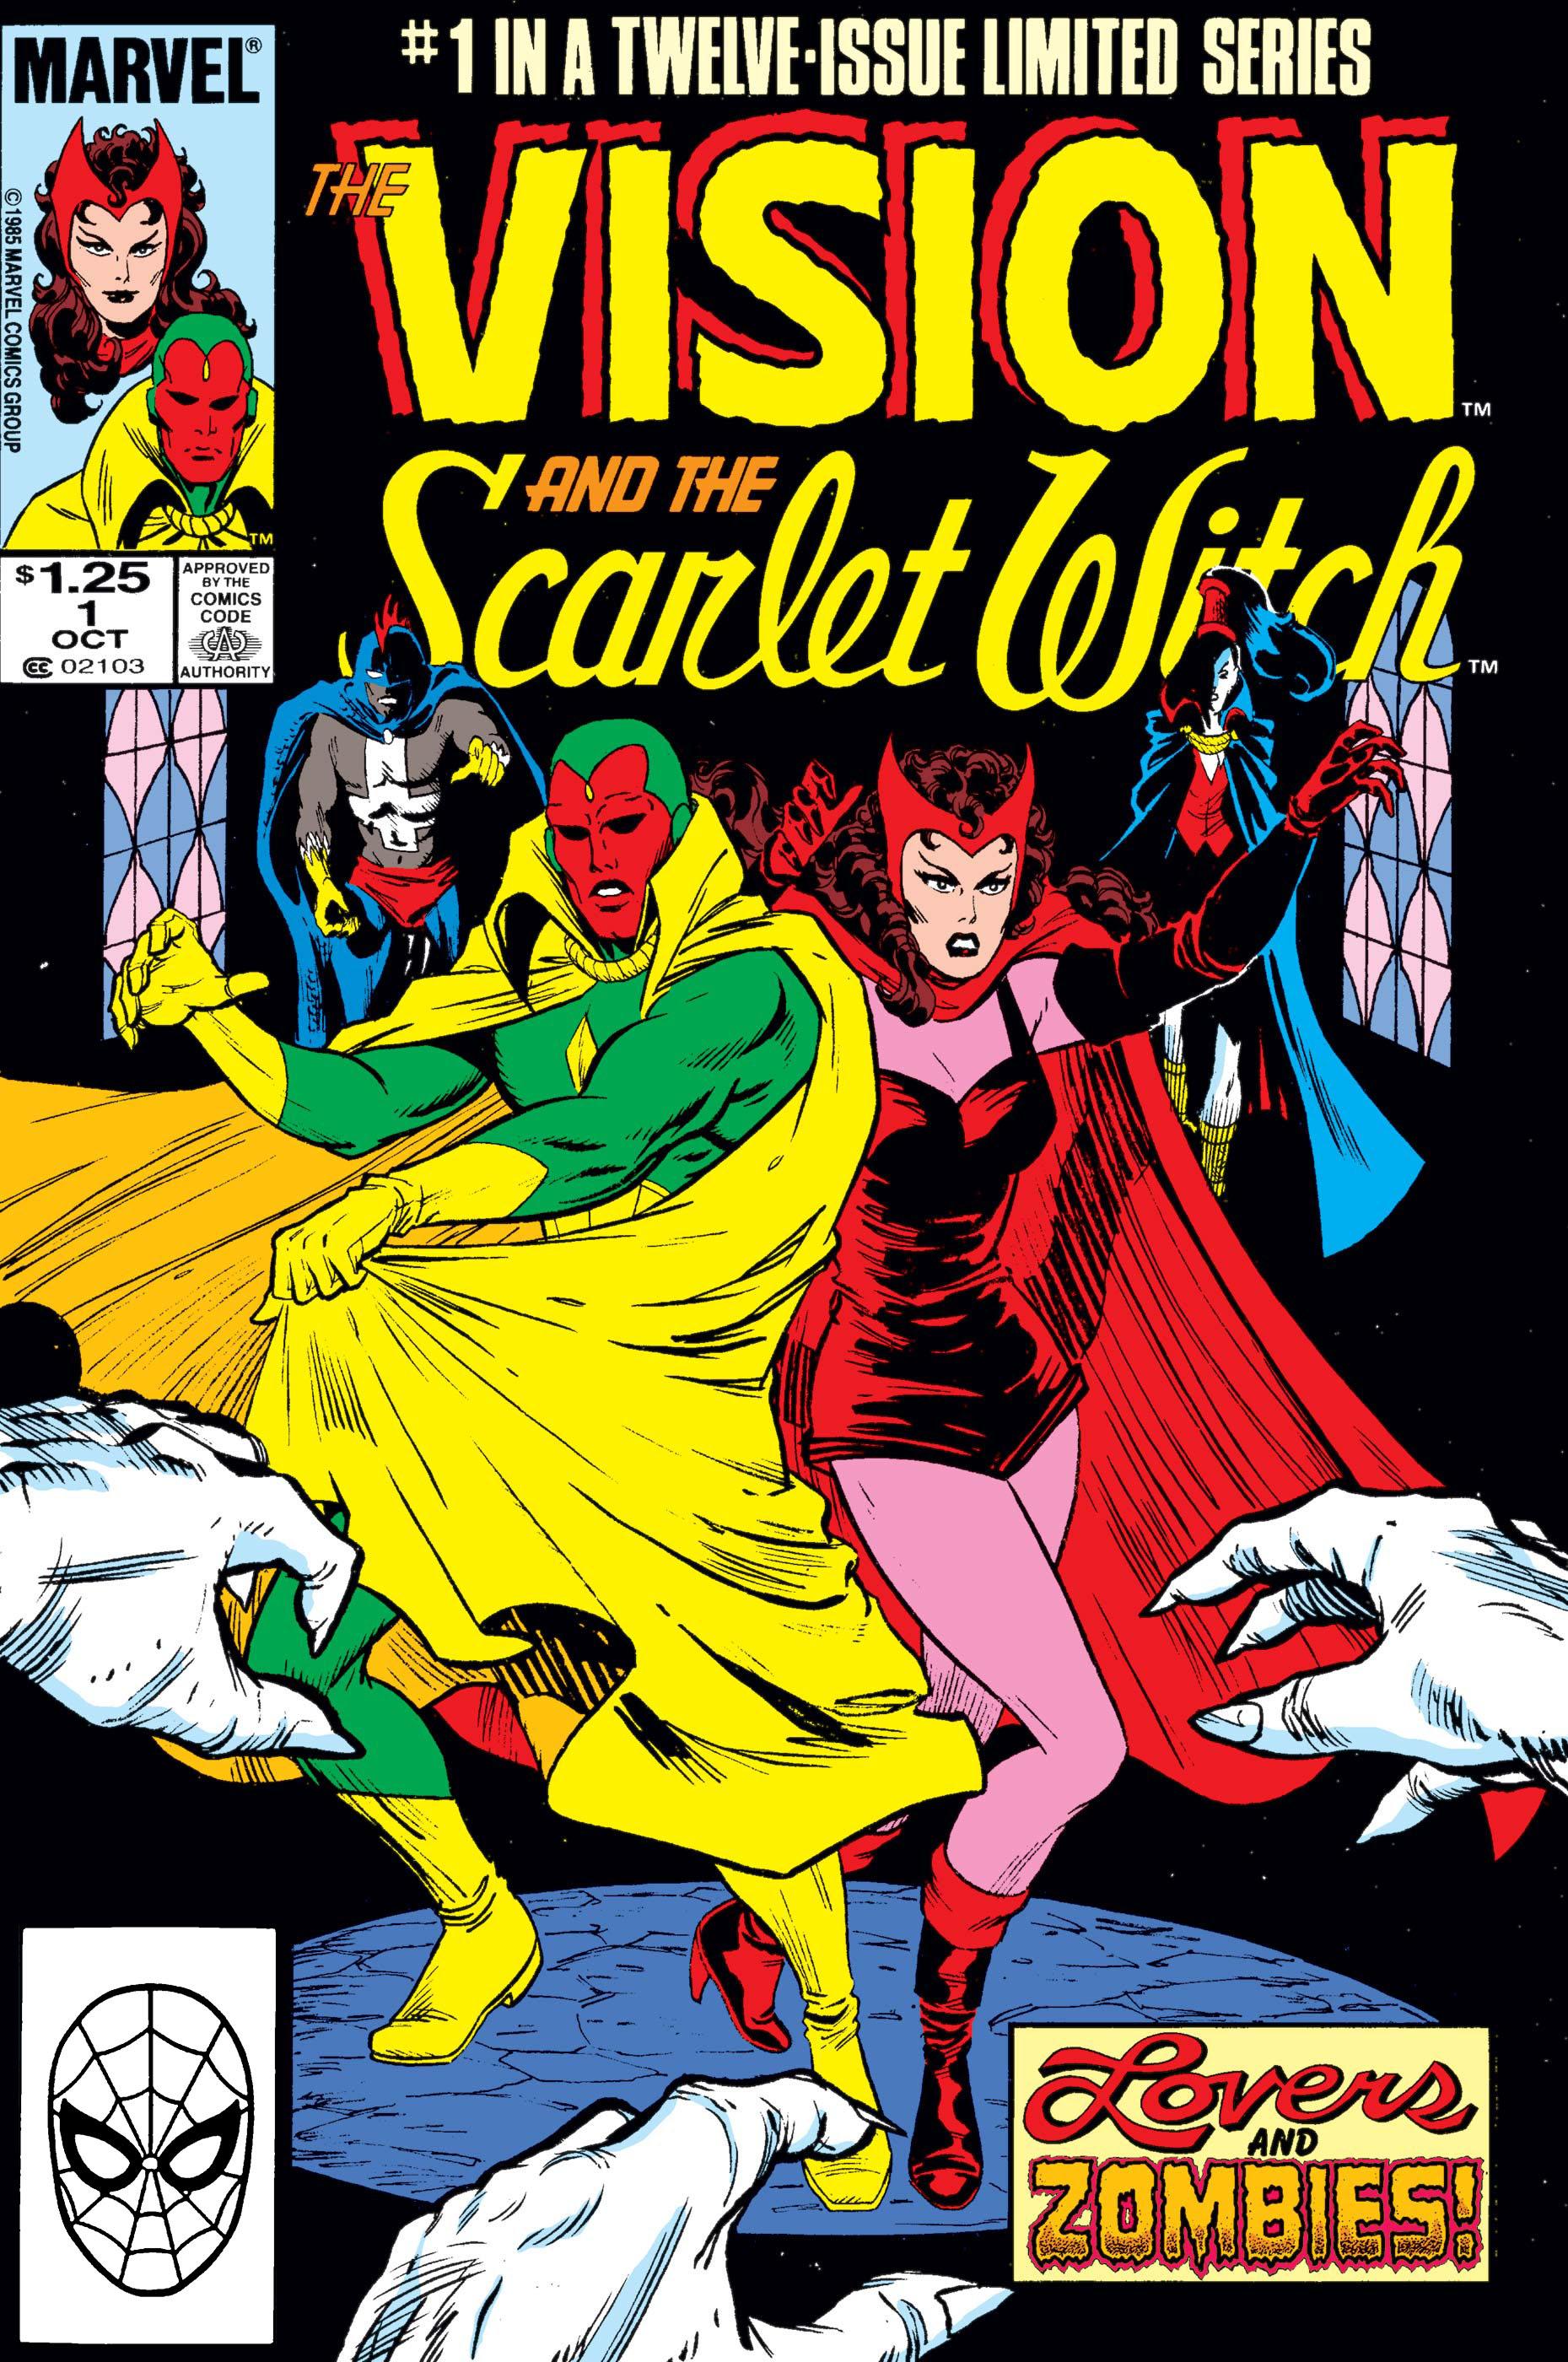 La visión y la bruja escarlata # 1 de Marvel Comics